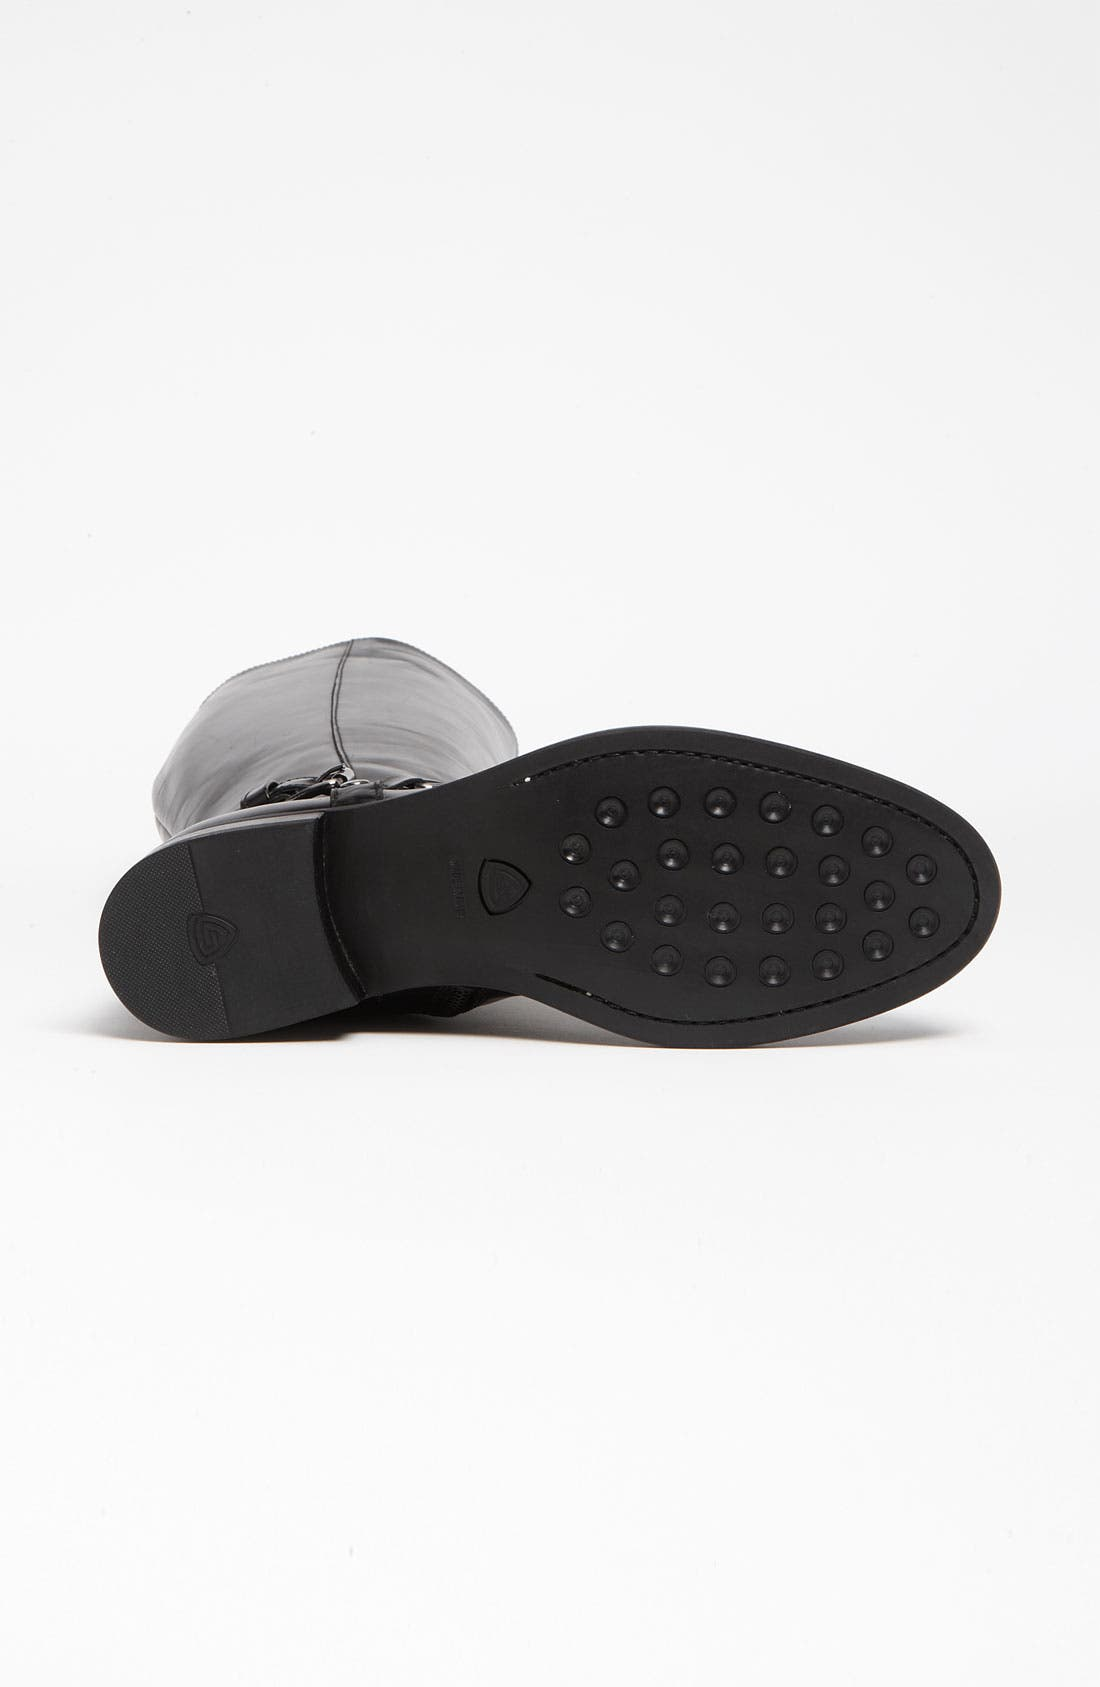 Attilio Giusti Leombruni 'Harness' Boot,                             Alternate thumbnail 4, color,                             Black